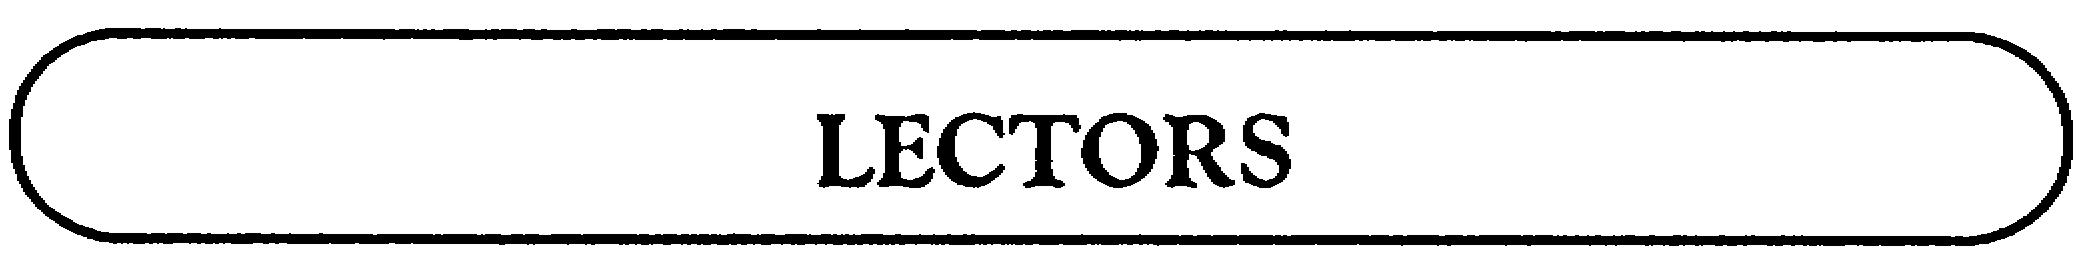 Lectors_6